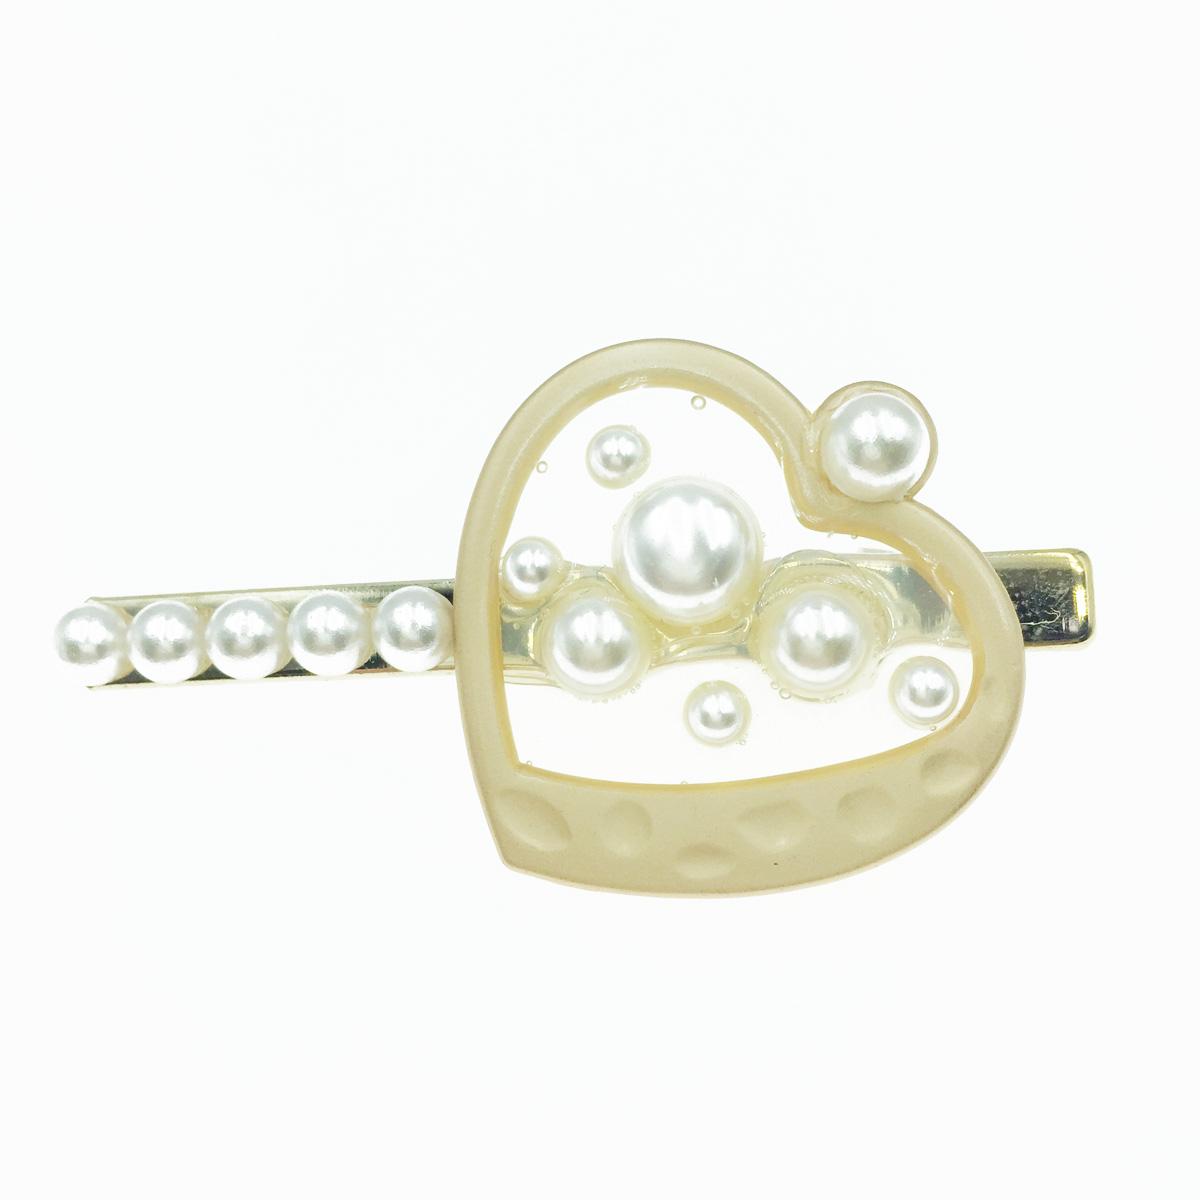 韓國 夾心珍珠 愛心 氣質甜美 髮飾 髮夾 壓夾